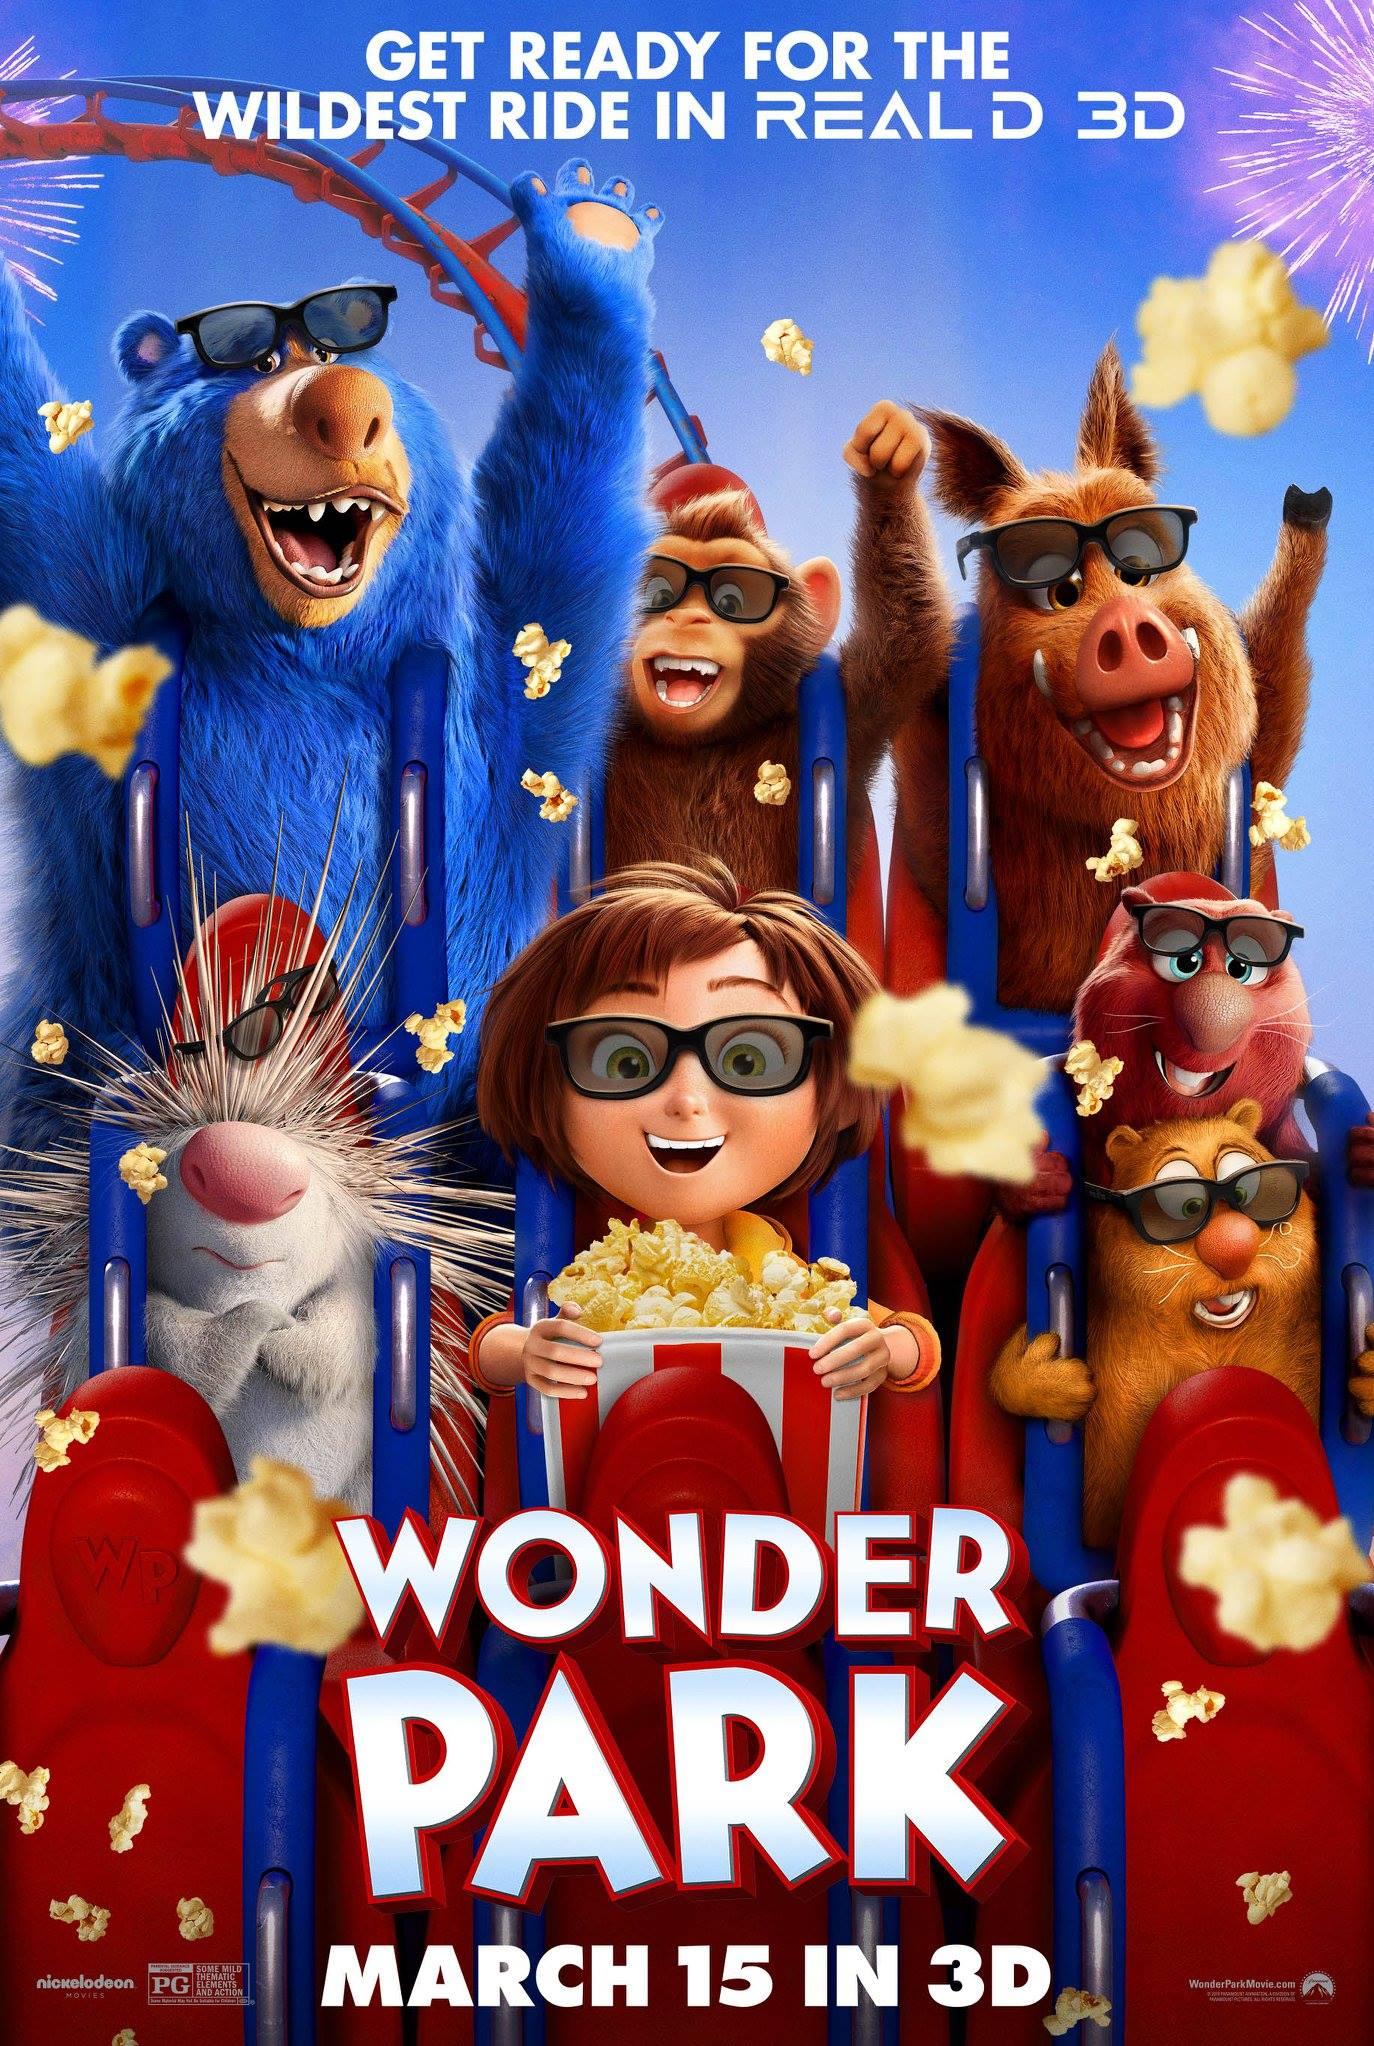 Nickelodeon Movies Wonderpark : nickelodeon, movies, wonderpark, Wonder, |Teaser, Trailer